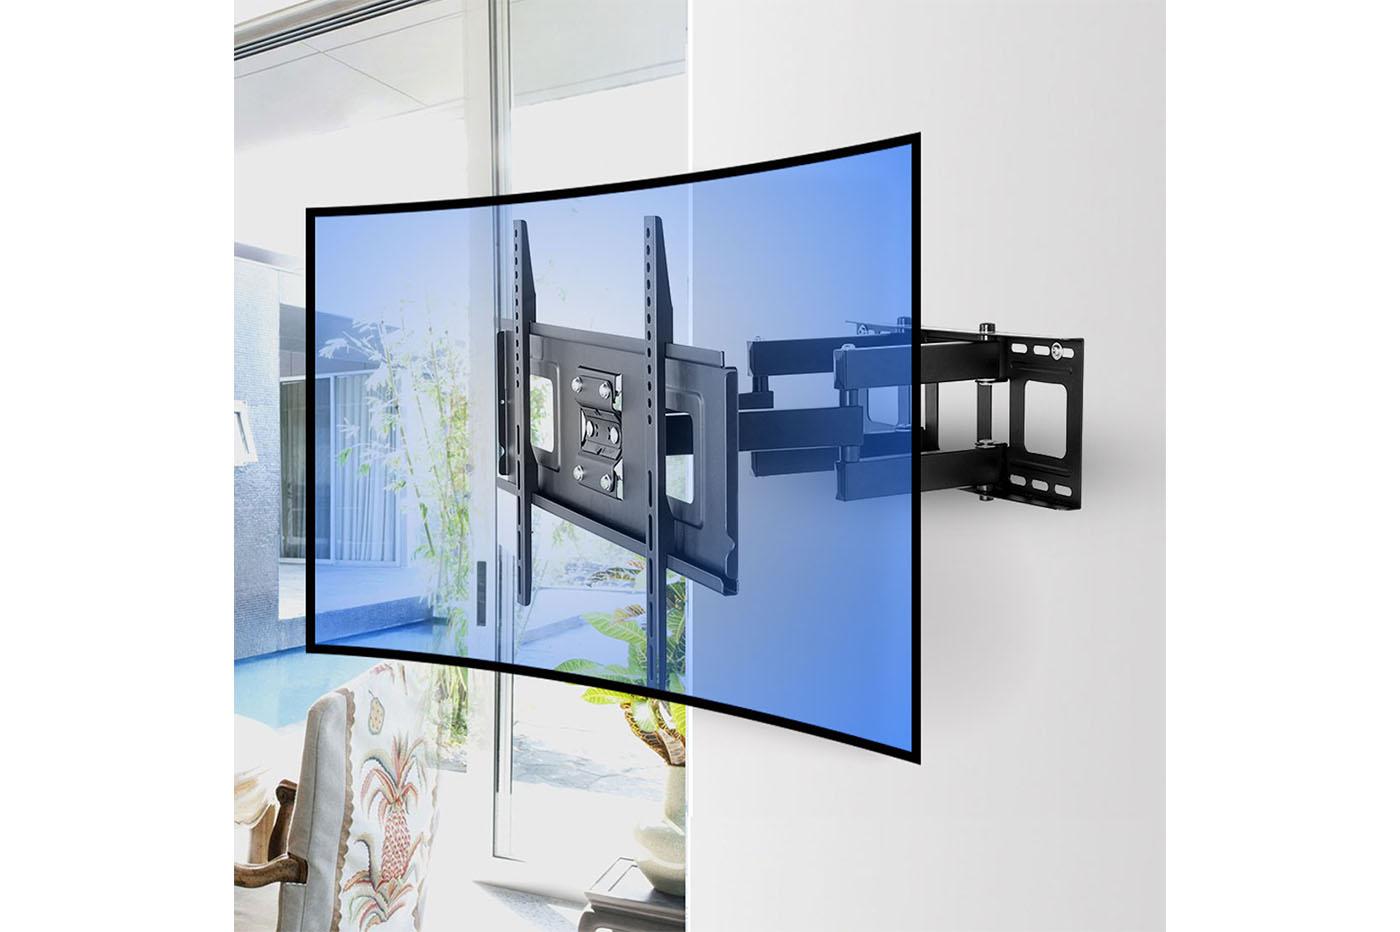 Staffa Porta Tv Girevole.Supporto Tv Staffa Da 32 A 65 Girevole Con Braccio Inclinabile Tv Monitor S002